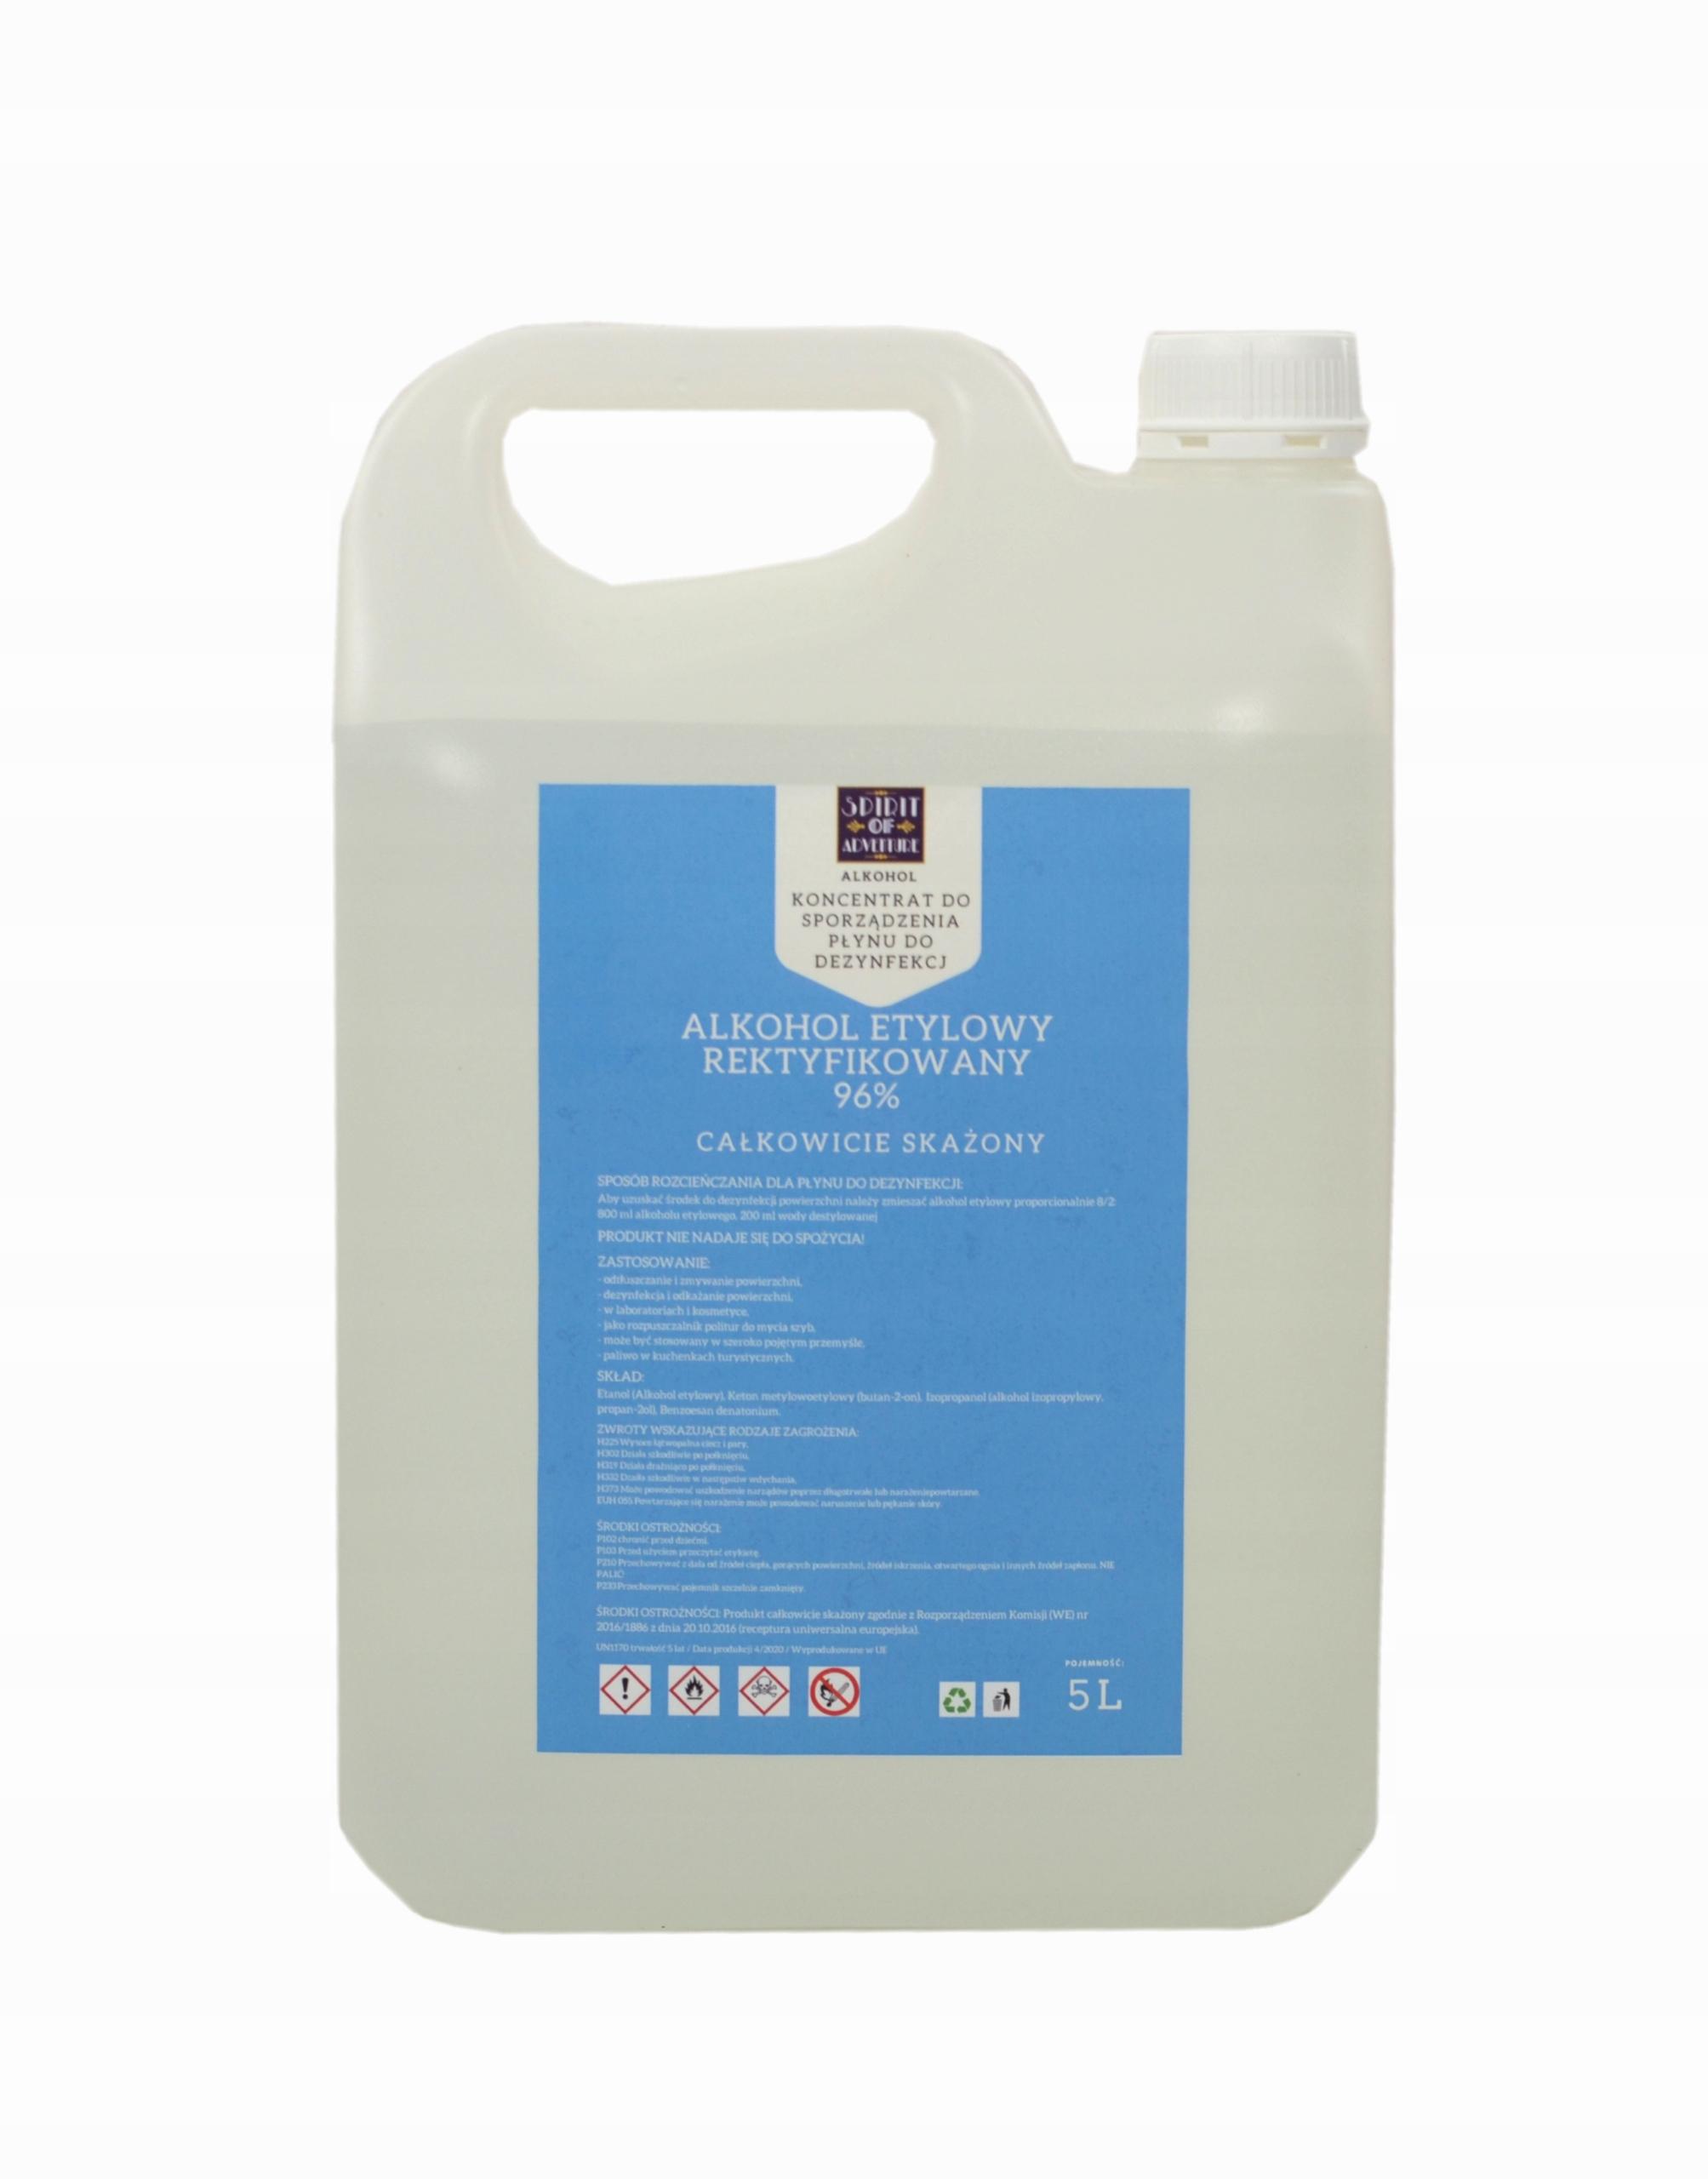 SPIRITS Выпрямили этанол денатуратный спирт 5L